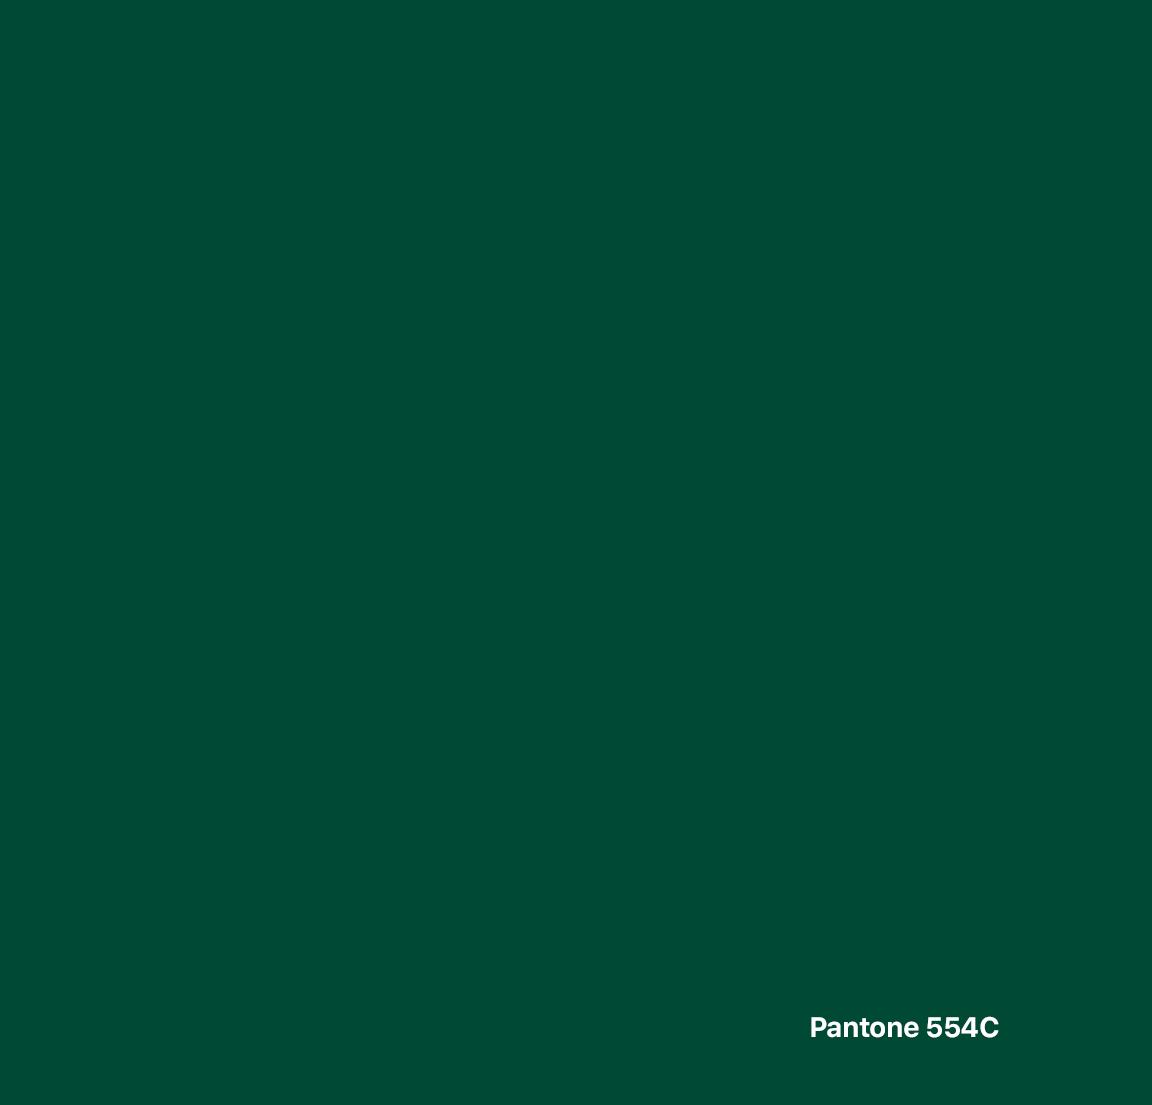 GG-Univers-Couleur-VertFoncé